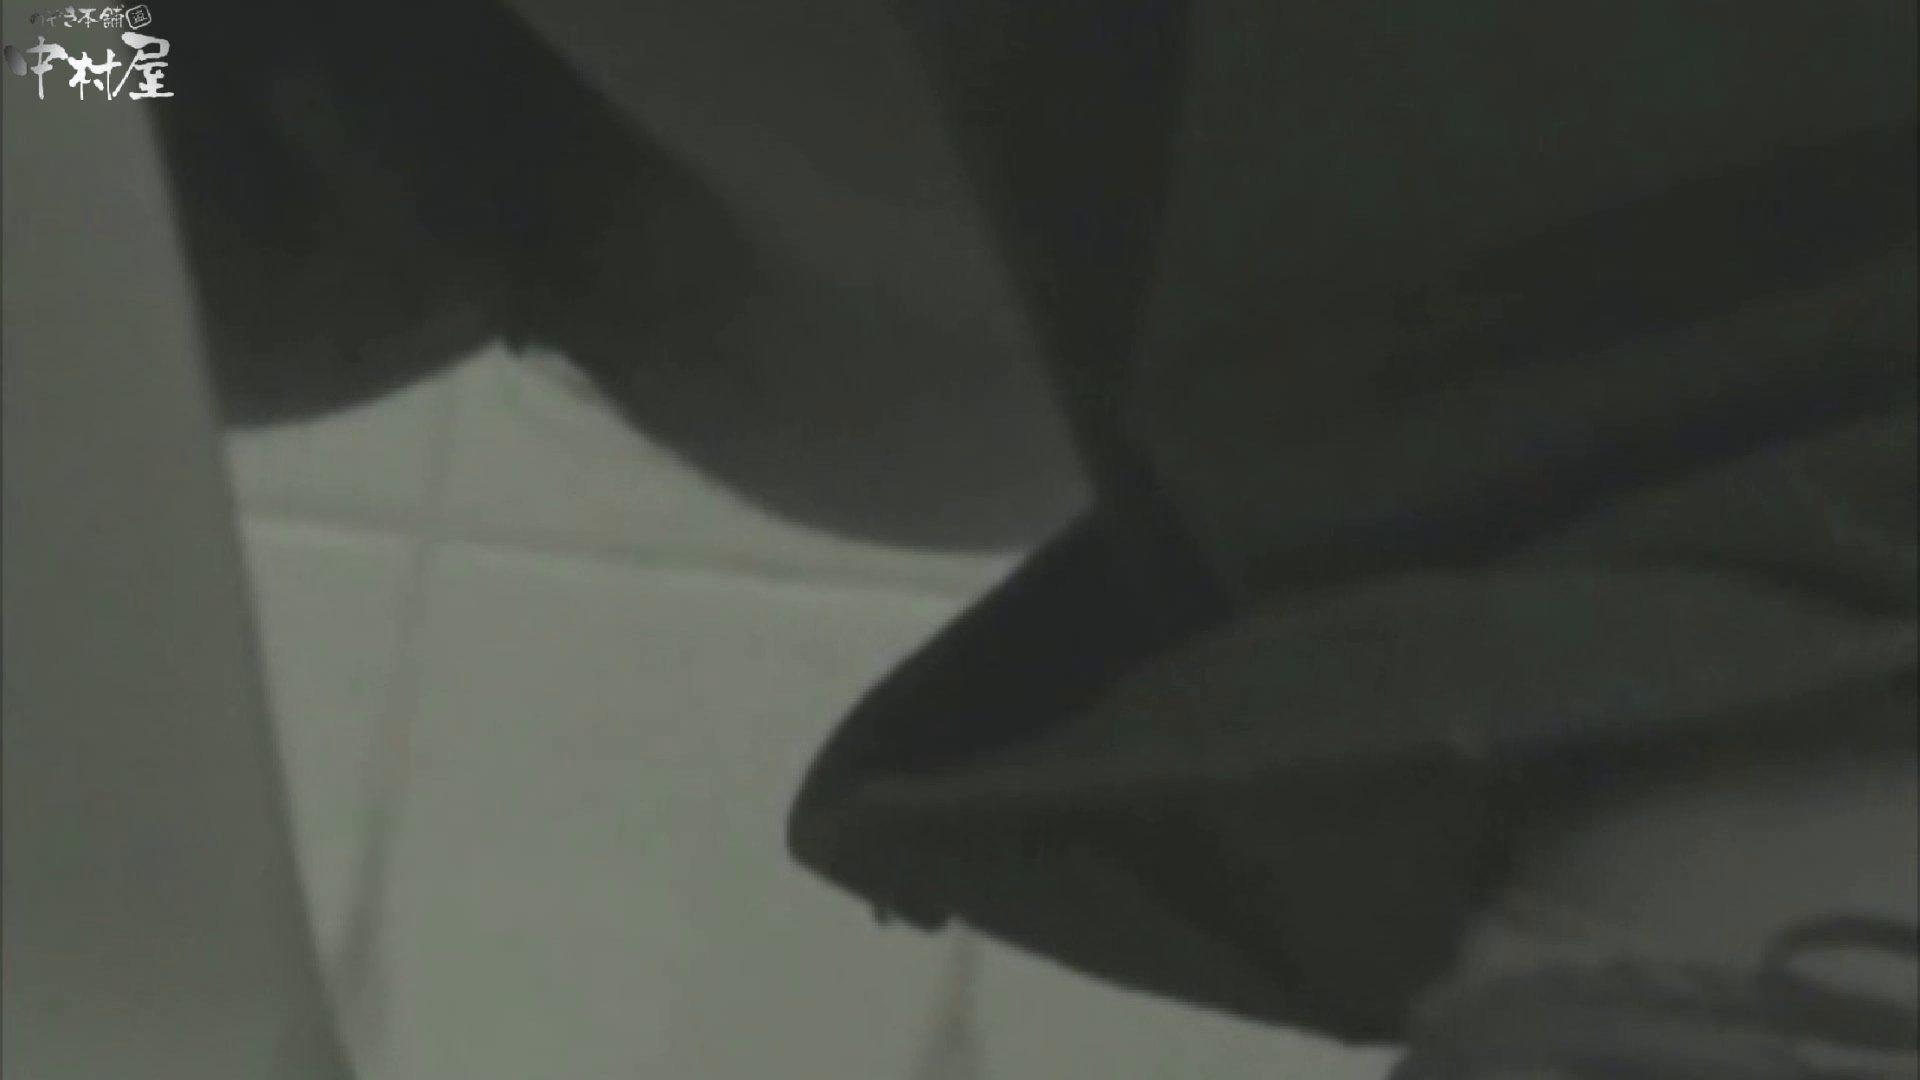 解禁!海の家4カメ洗面所vol.09 人気シリーズ  97PIX 30